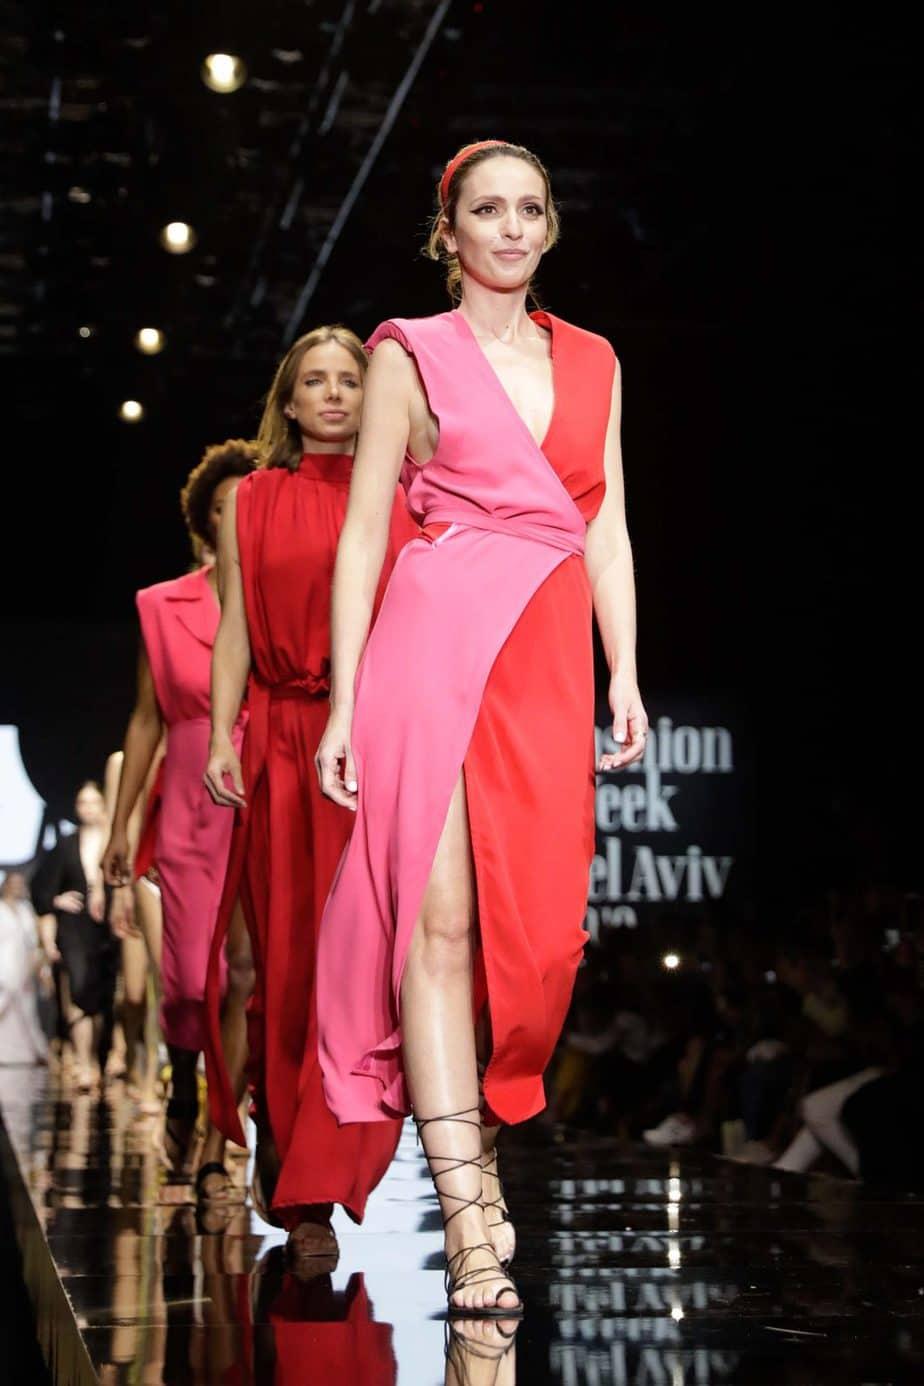 קולקציה עידן לרוס, תצוגת אופנה עידן לרוס שבוע האופנה תל אביב 2019, צילום עומר קפלן - 11